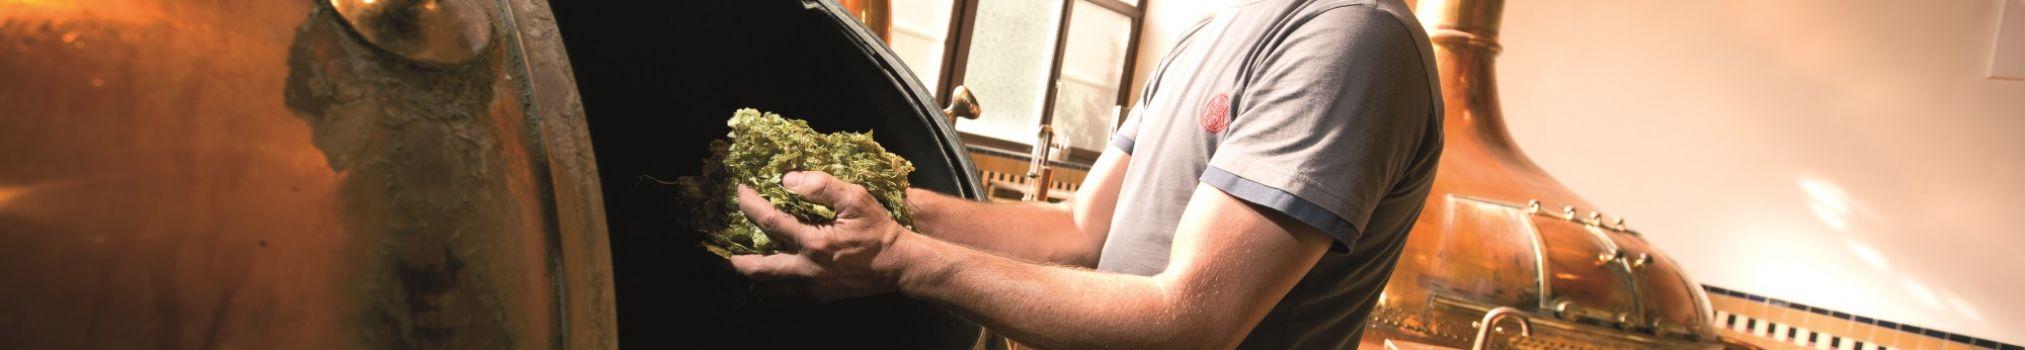 Het brouwproces van trappistenbier Westmalle